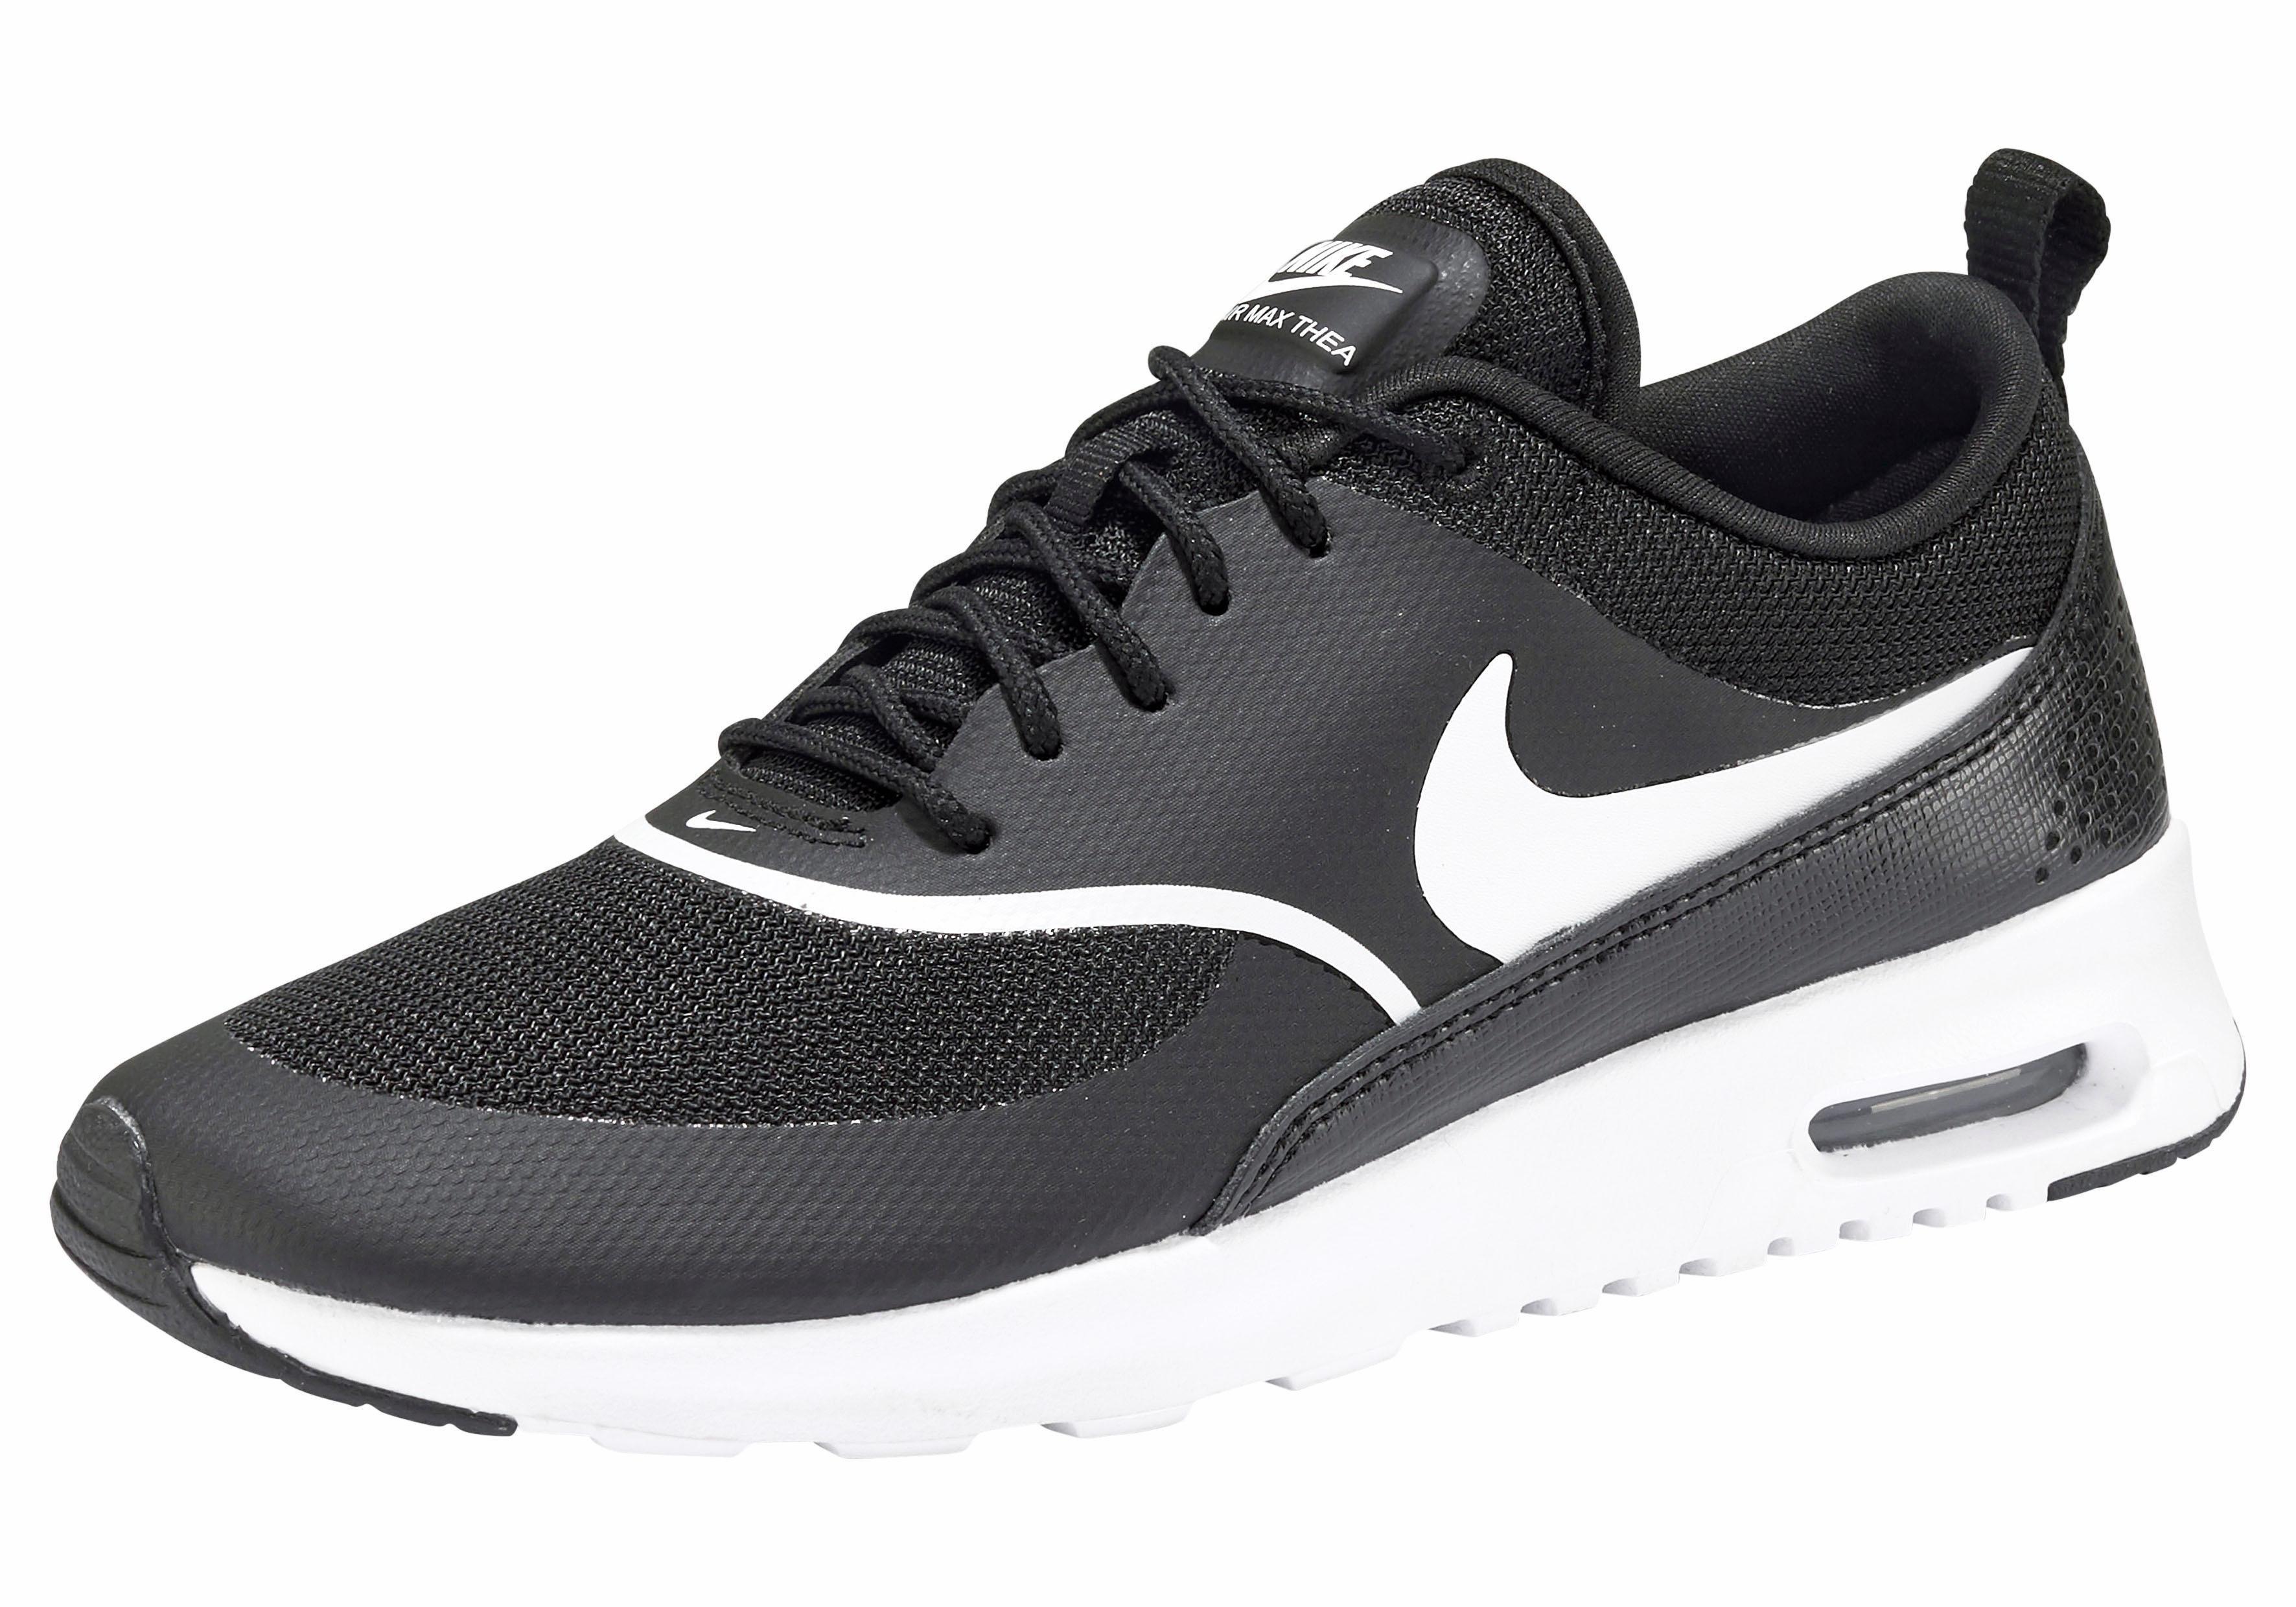 buy popular 4b3ea 3e936 ... Nike Sportswear sneakers »Air Max Thea«, Nike Sportswear sneakers »Air  Max Thea«, Nike Sportswear sneakers »Air Max Thea«, Nike Sportswear ...